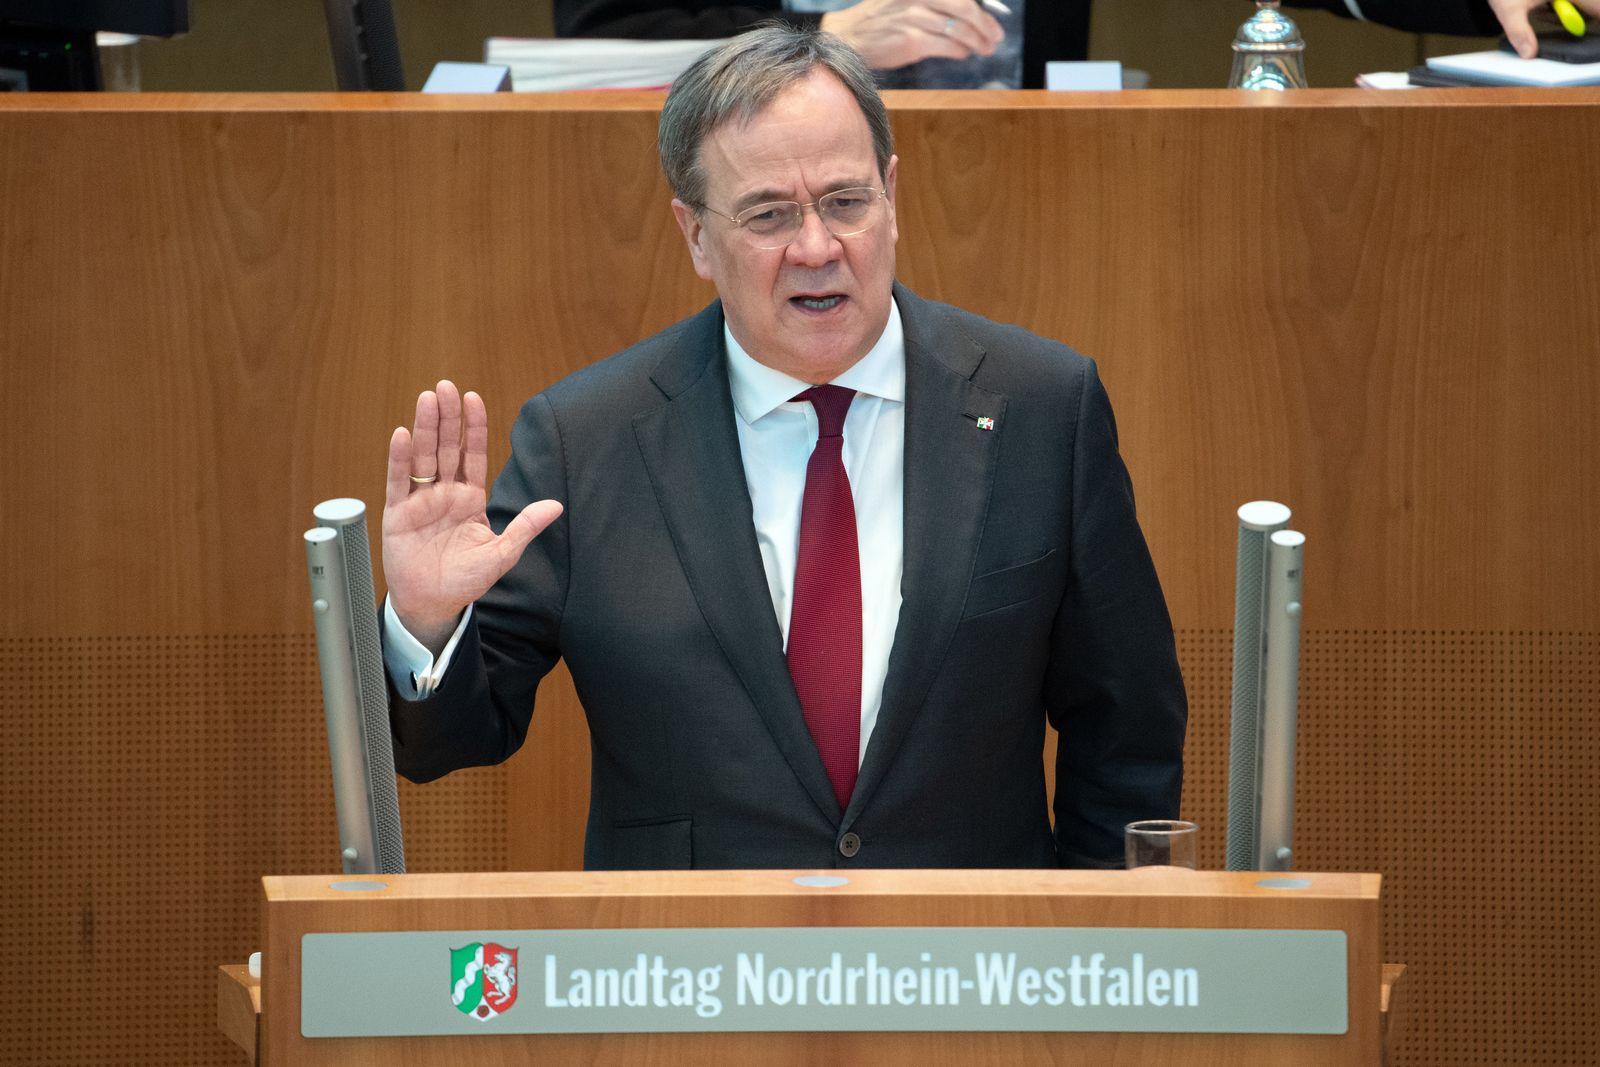 Coronavirus - Landtag Nordrhein-Westfalen